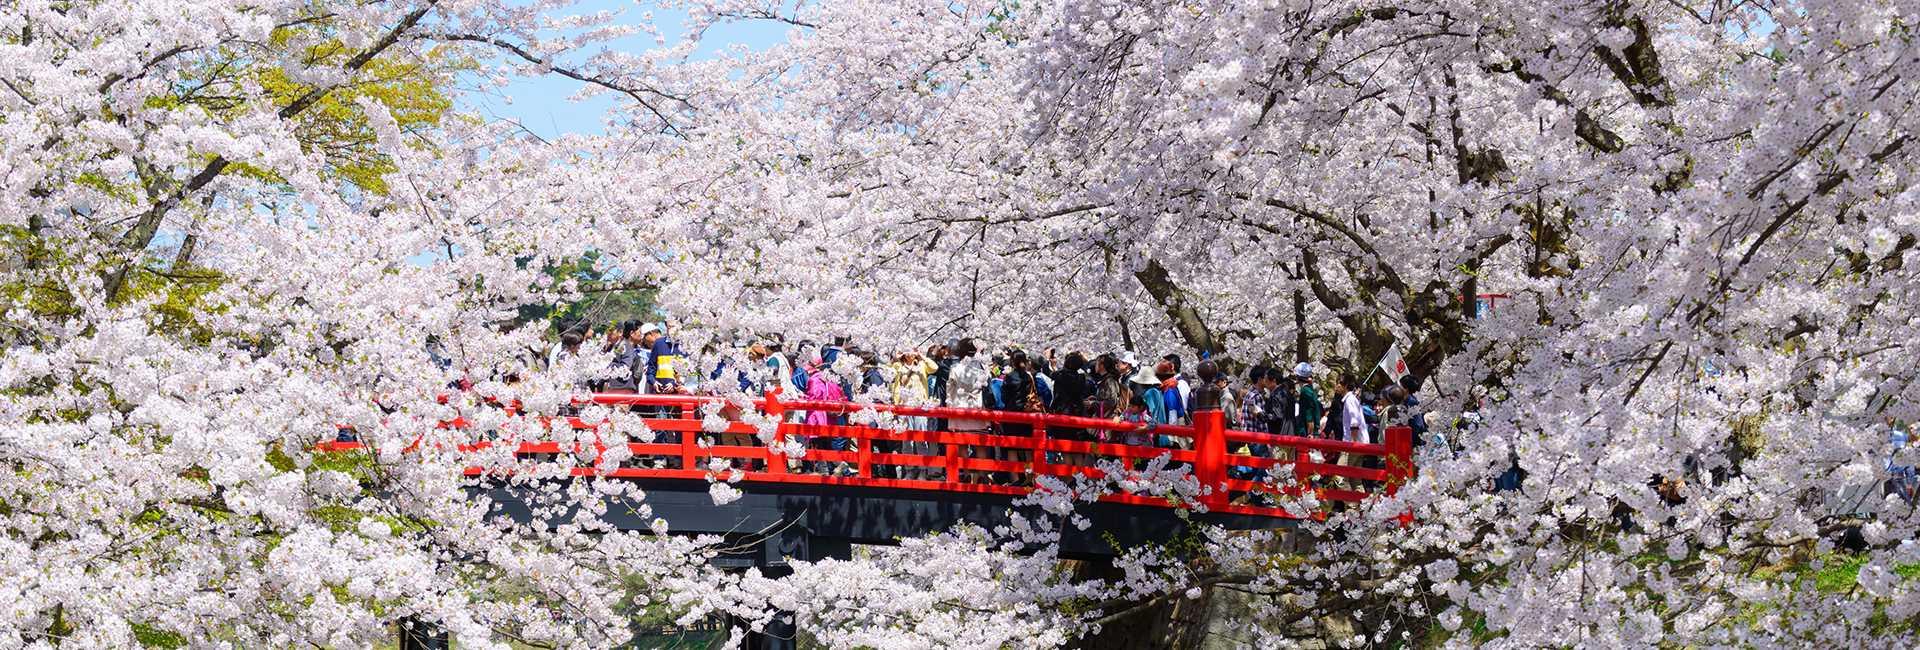 fiori di ciliegio a Hirosaki